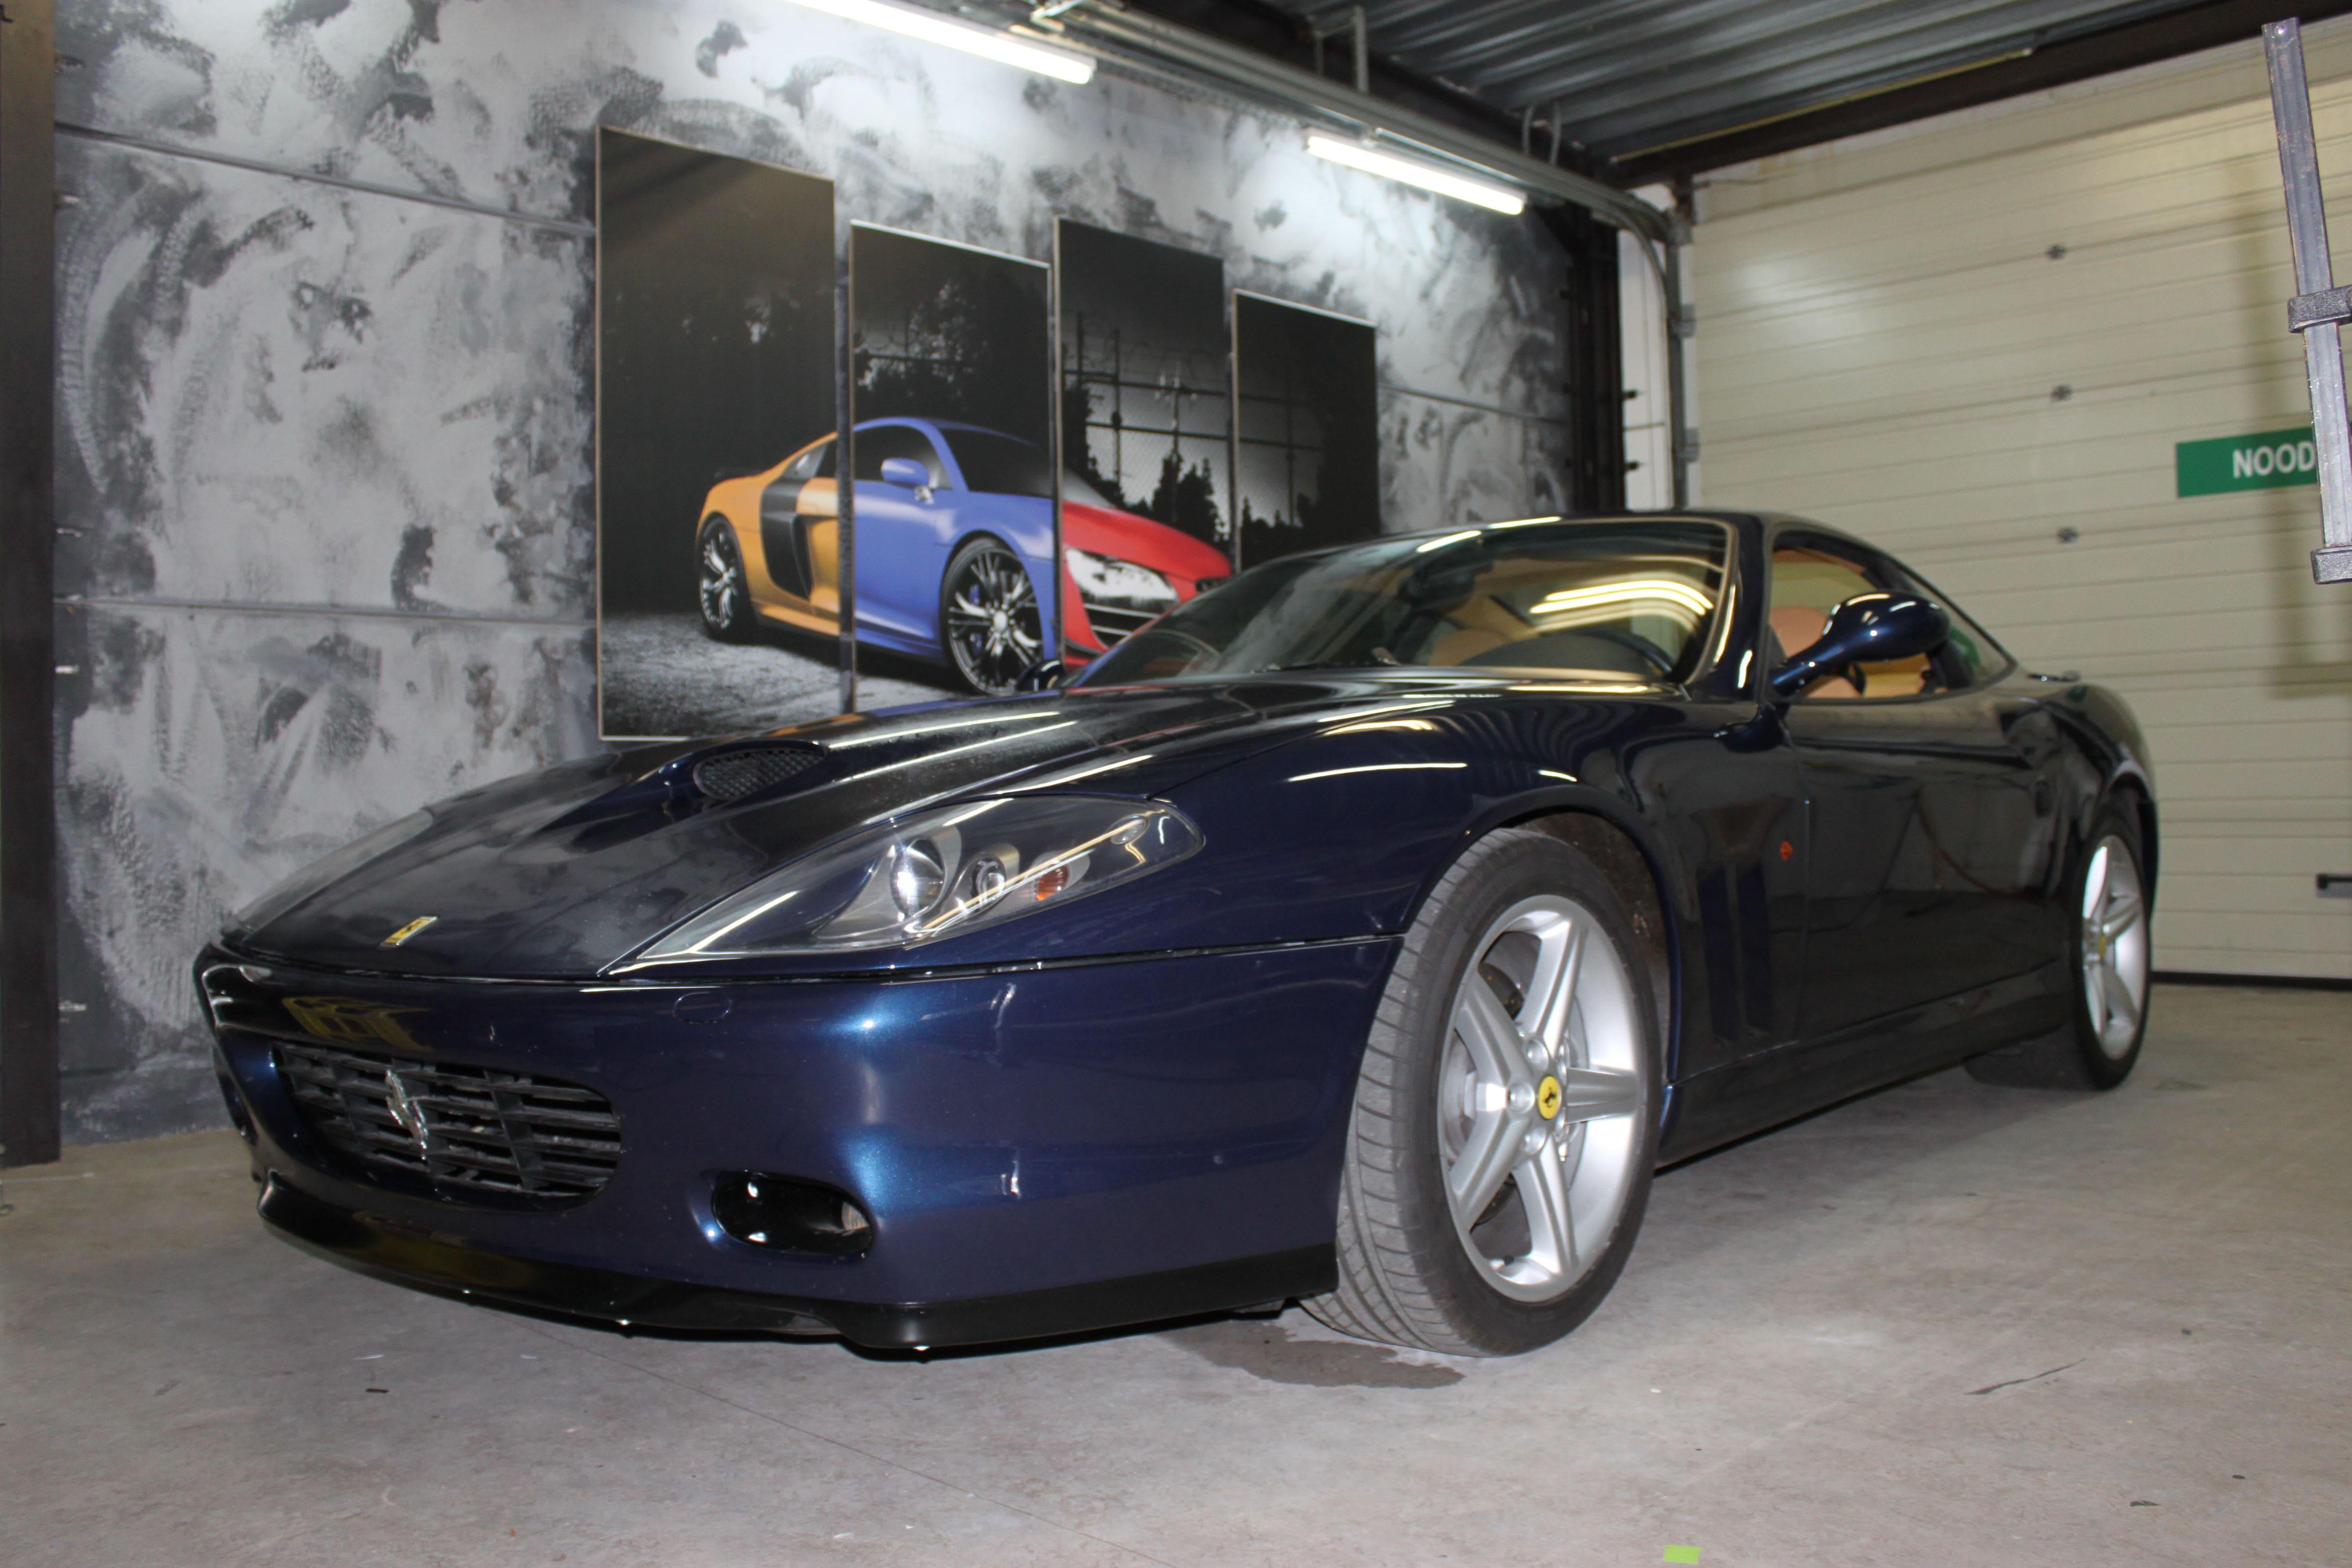 Ferrari 575 met Goud Chrome Wrap., Carwrapping door Wrapmyride.nu Foto-nr:5694, ©2021